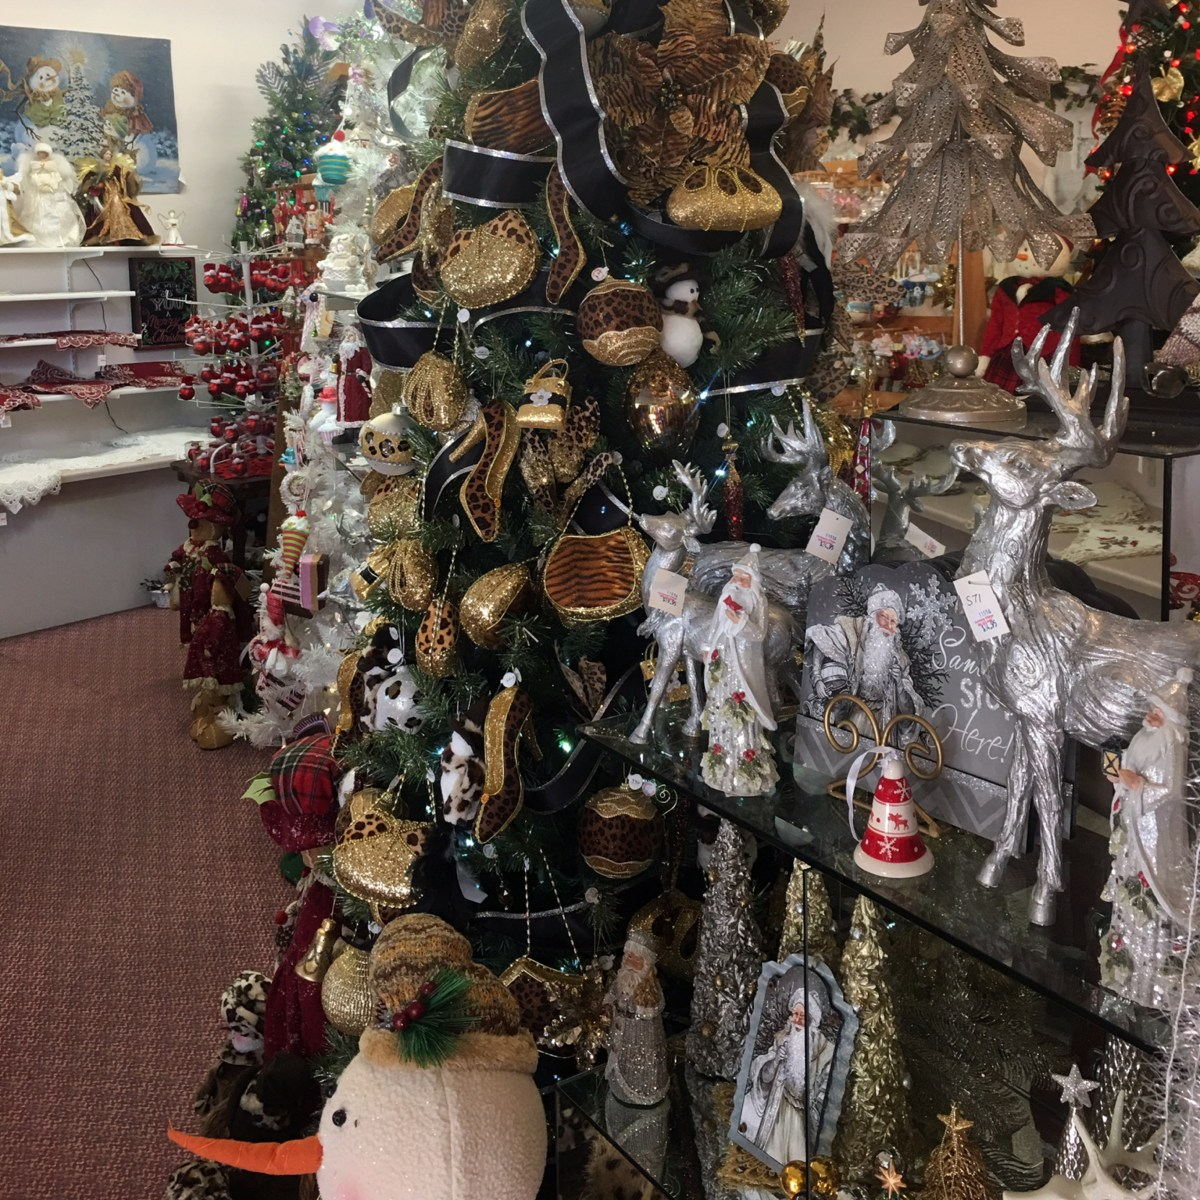 Holiday Decor at Christmas Village